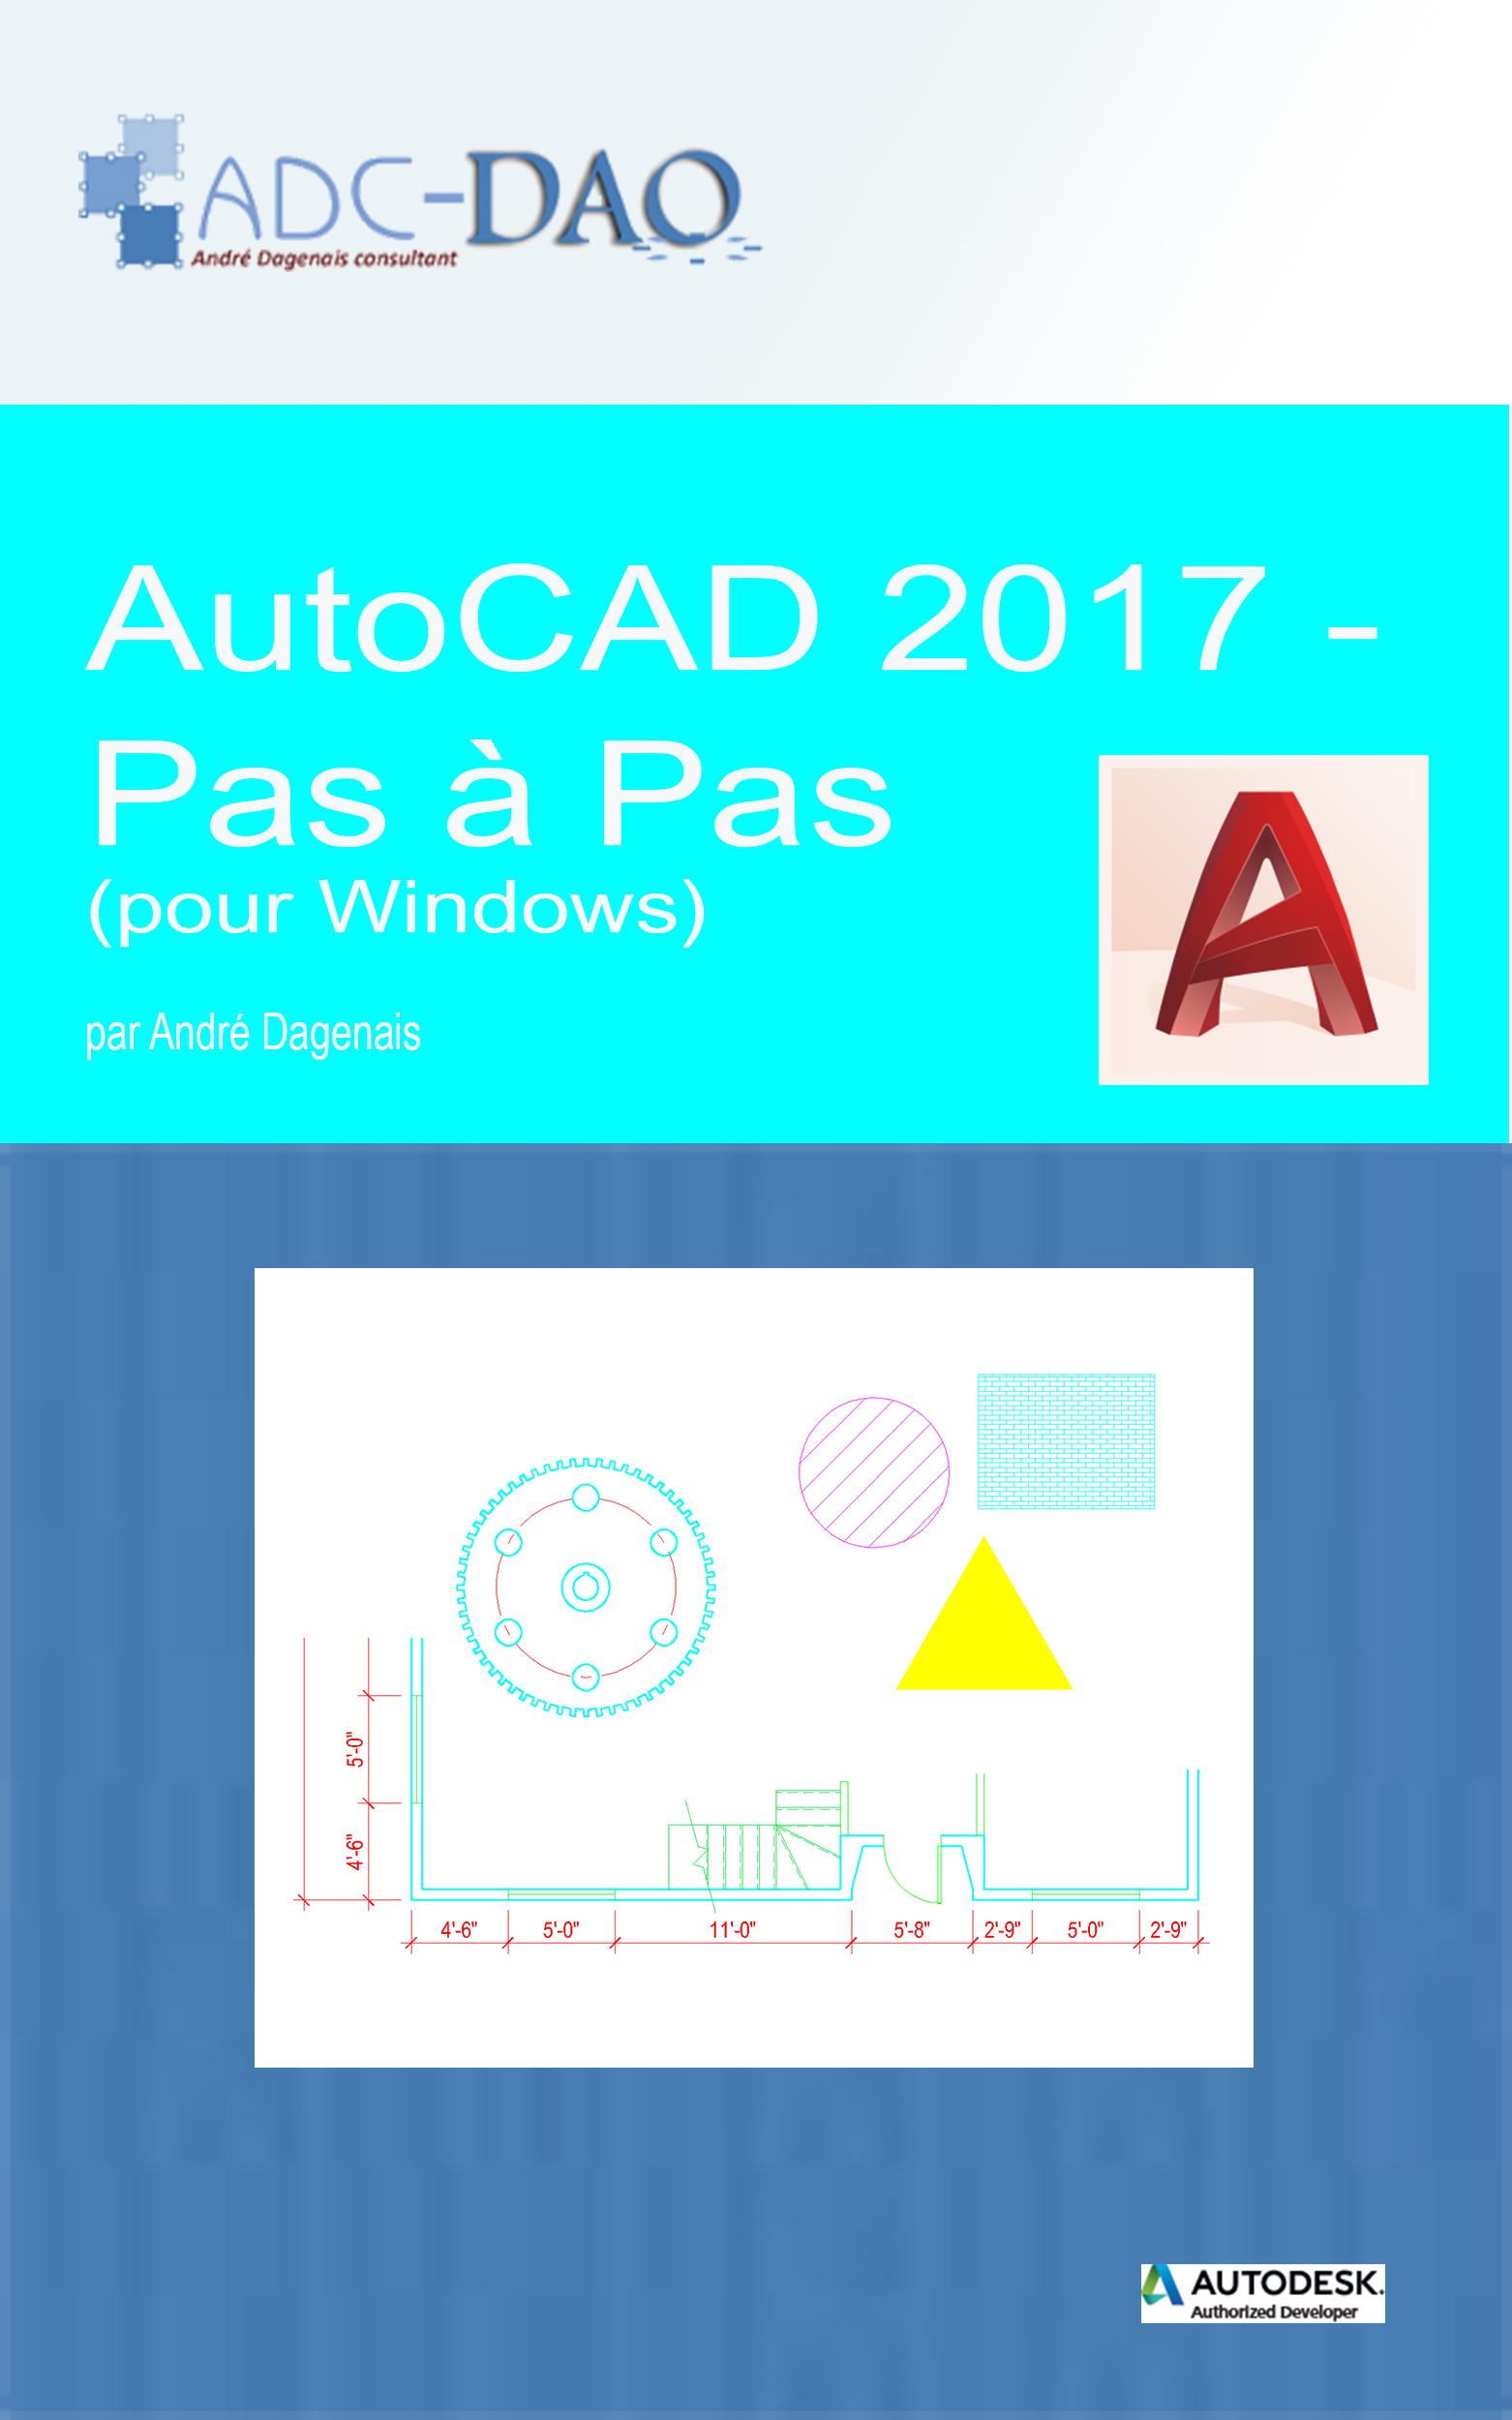 AutoCAD 2017 - Pas à pas (Couverture)